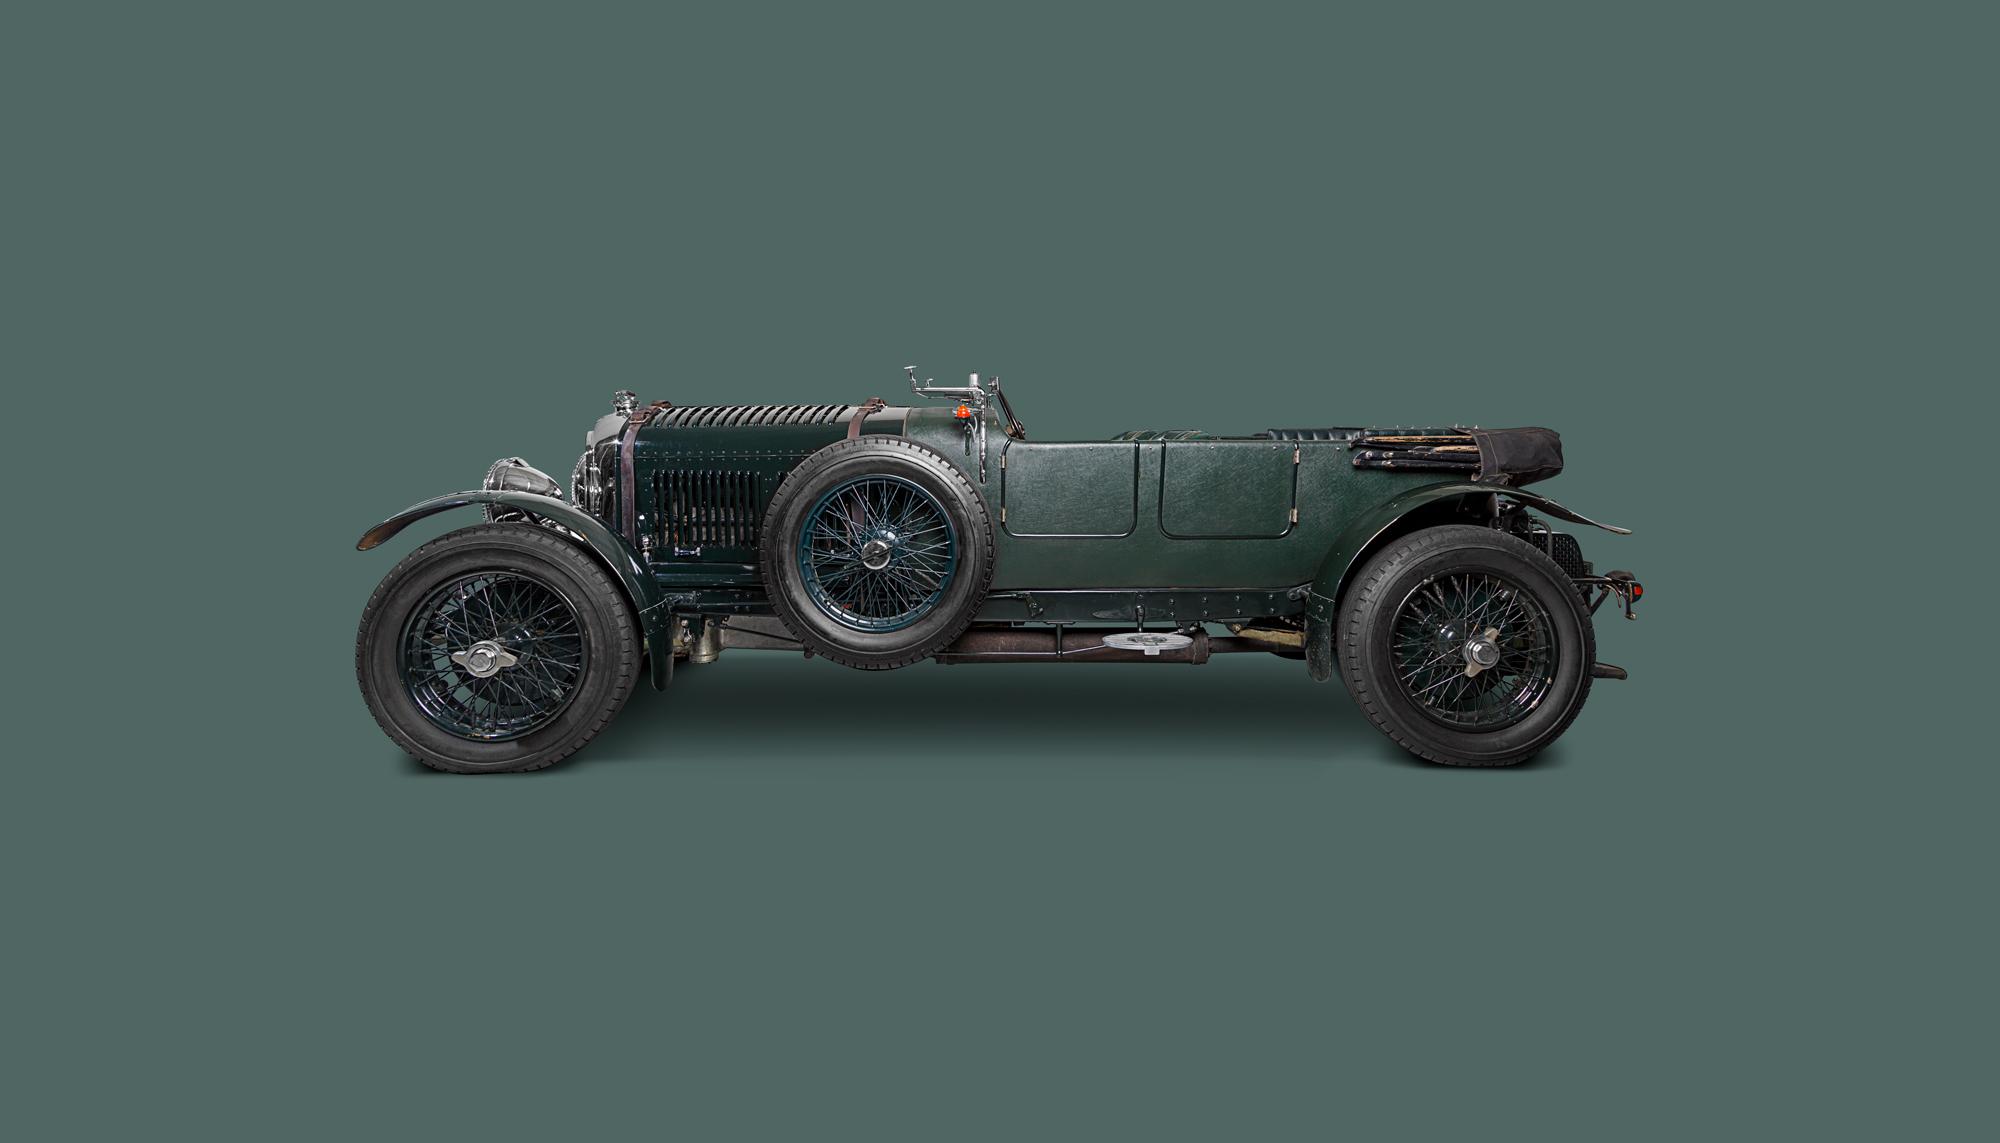 Bekijk Bentley 4½ Litre Vanden Plas Le Mans in het Louwman Museum